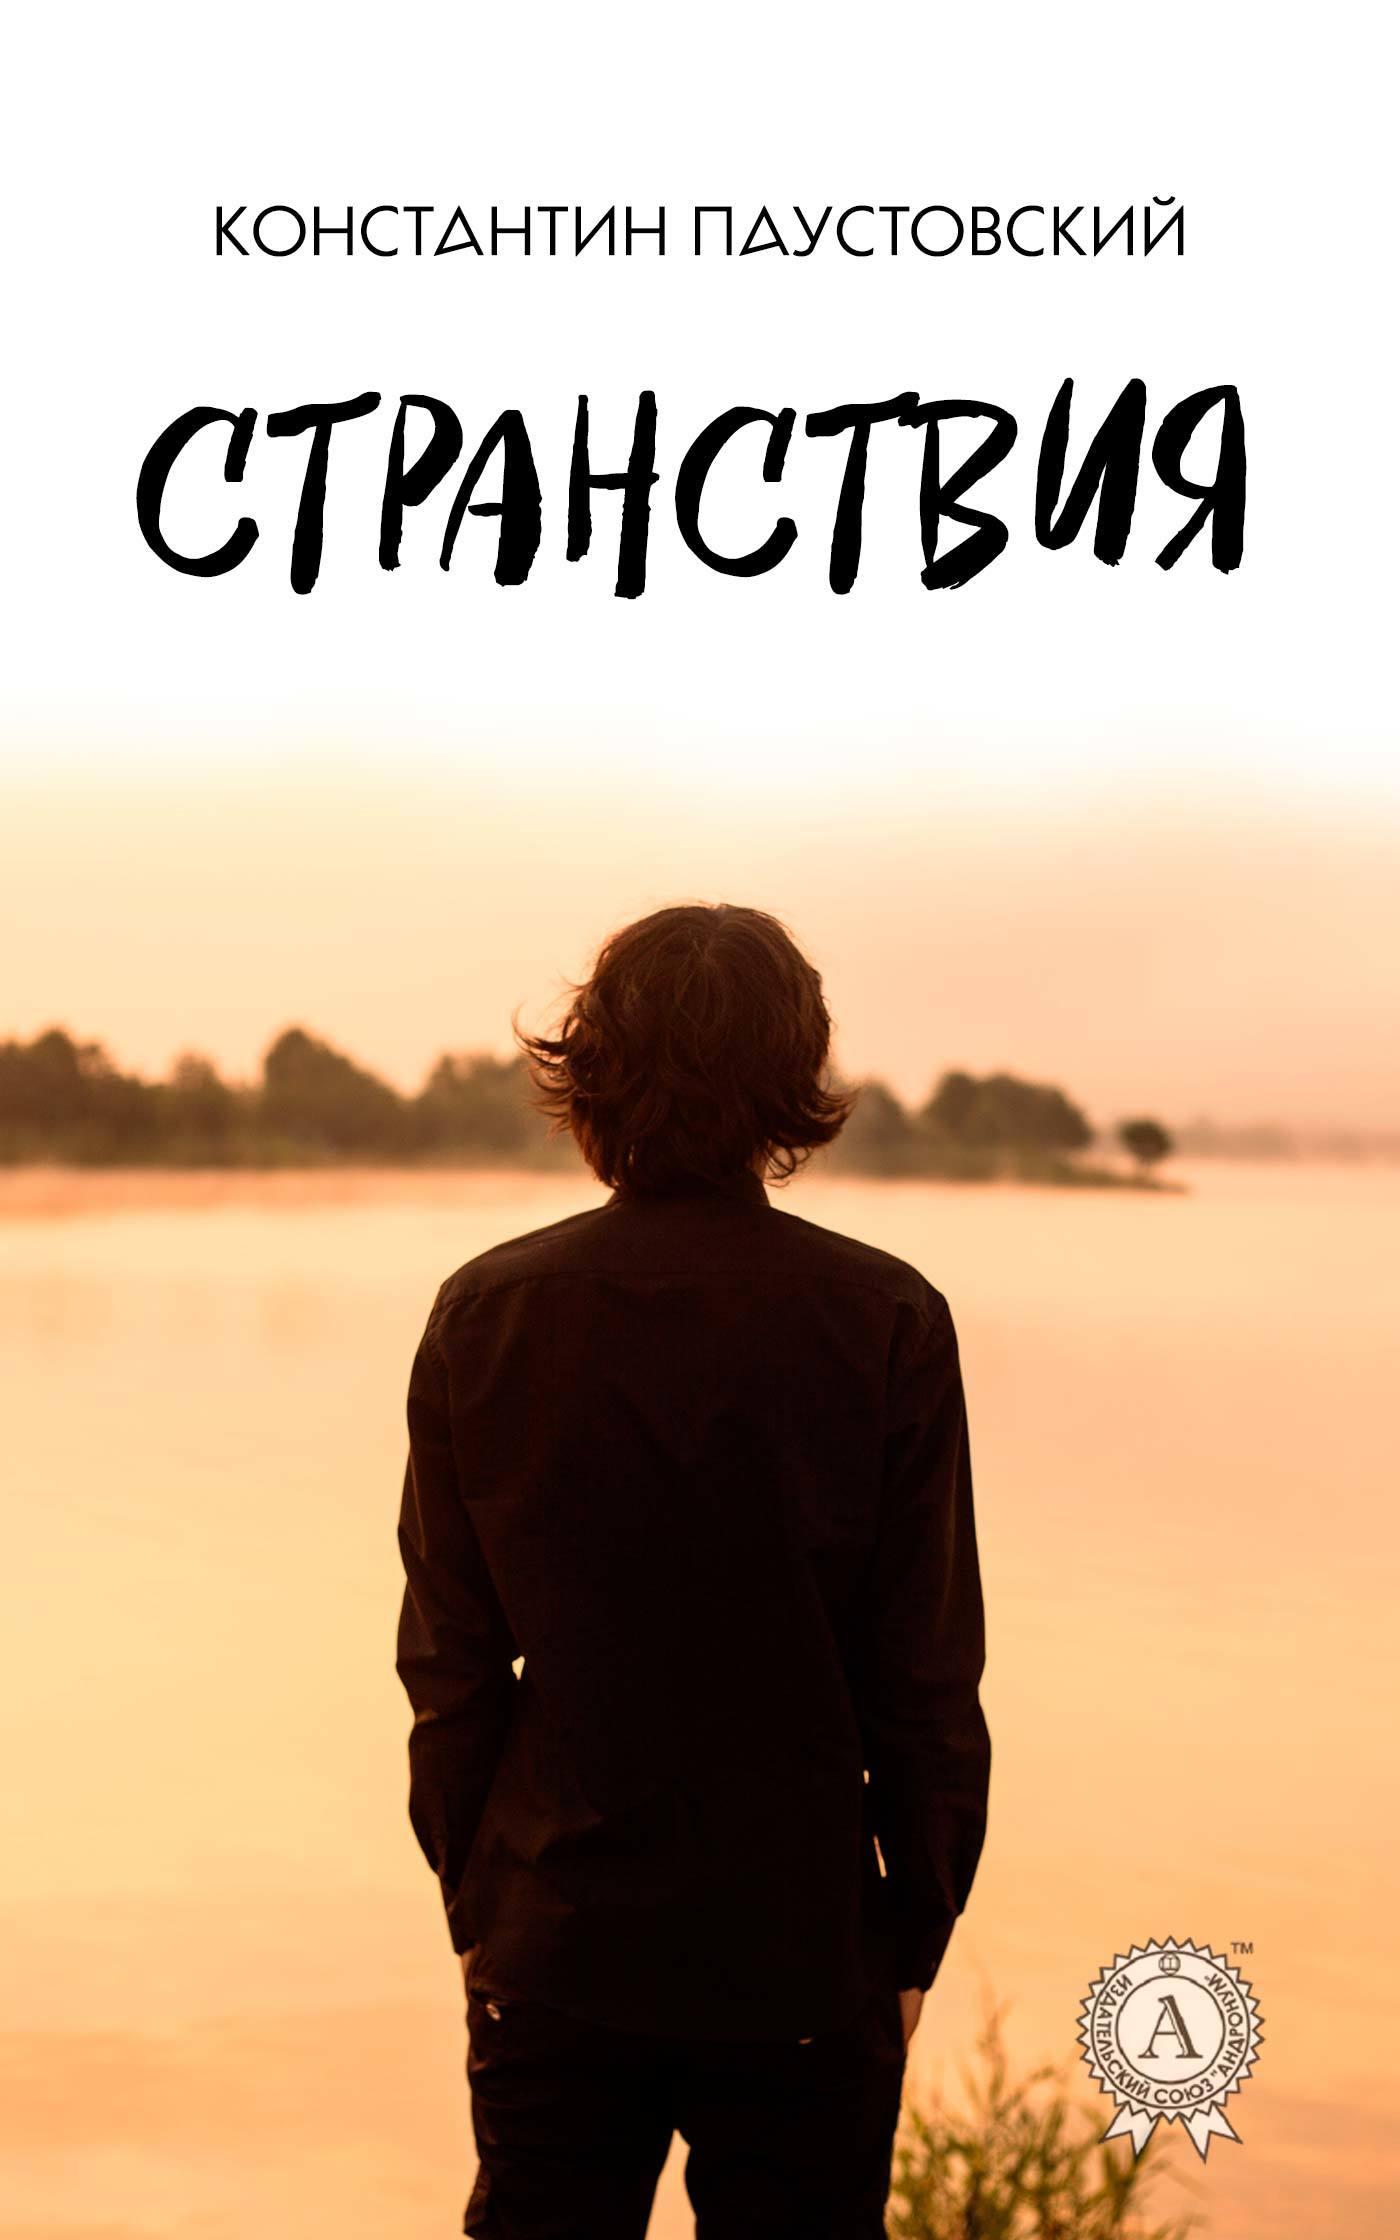 Константин Паустовский Странствия 5411 ed aa hhba ss